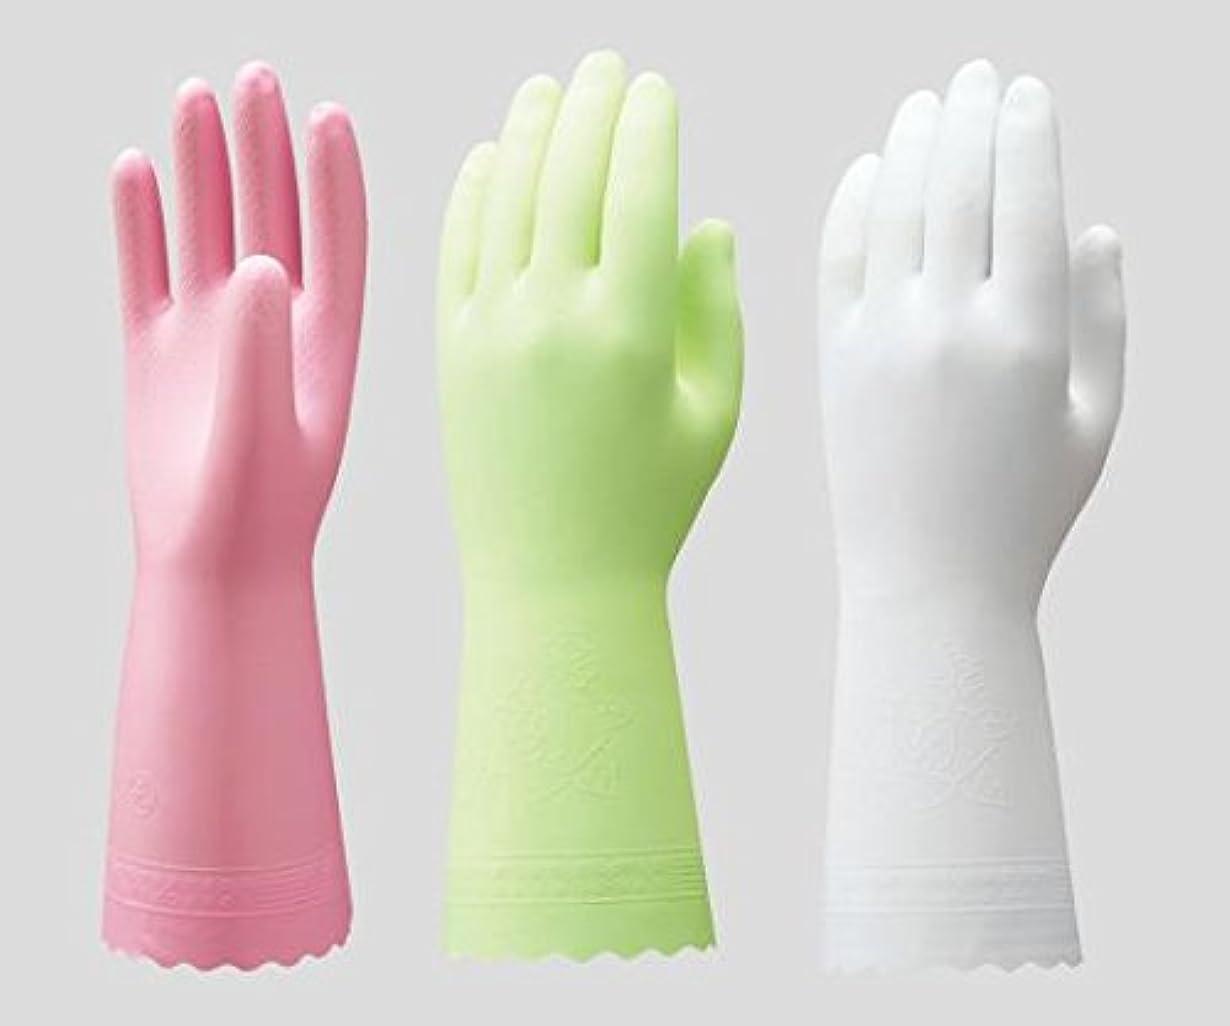 資本主義気がついて必需品ショーワグローブ2-9143-01ビニトップ手袋薄手裏毛無ホワイトS